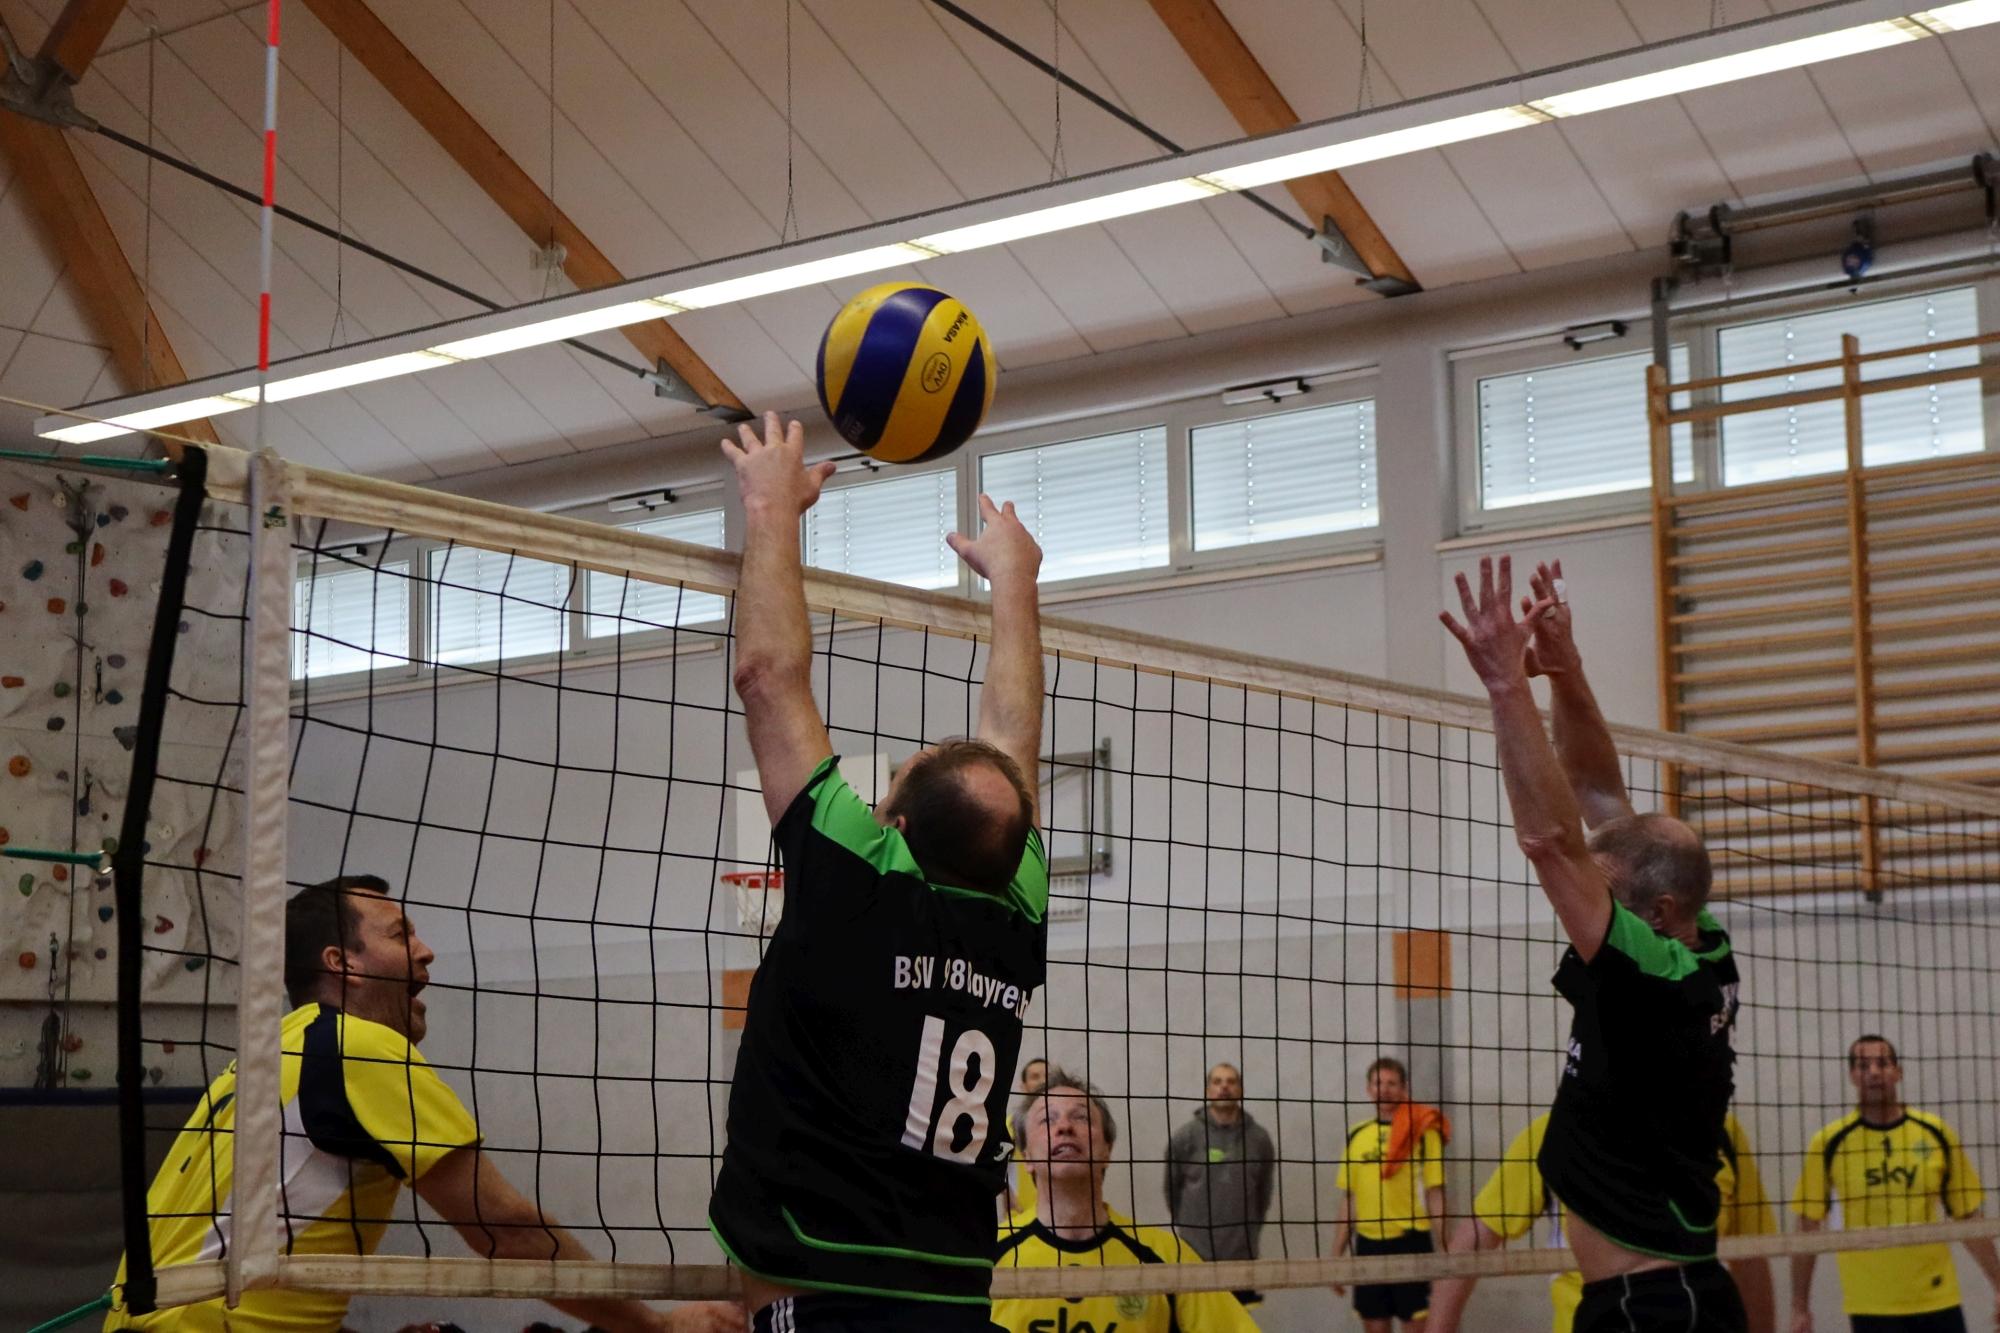 BSV_Schwaig Senioren 3_15